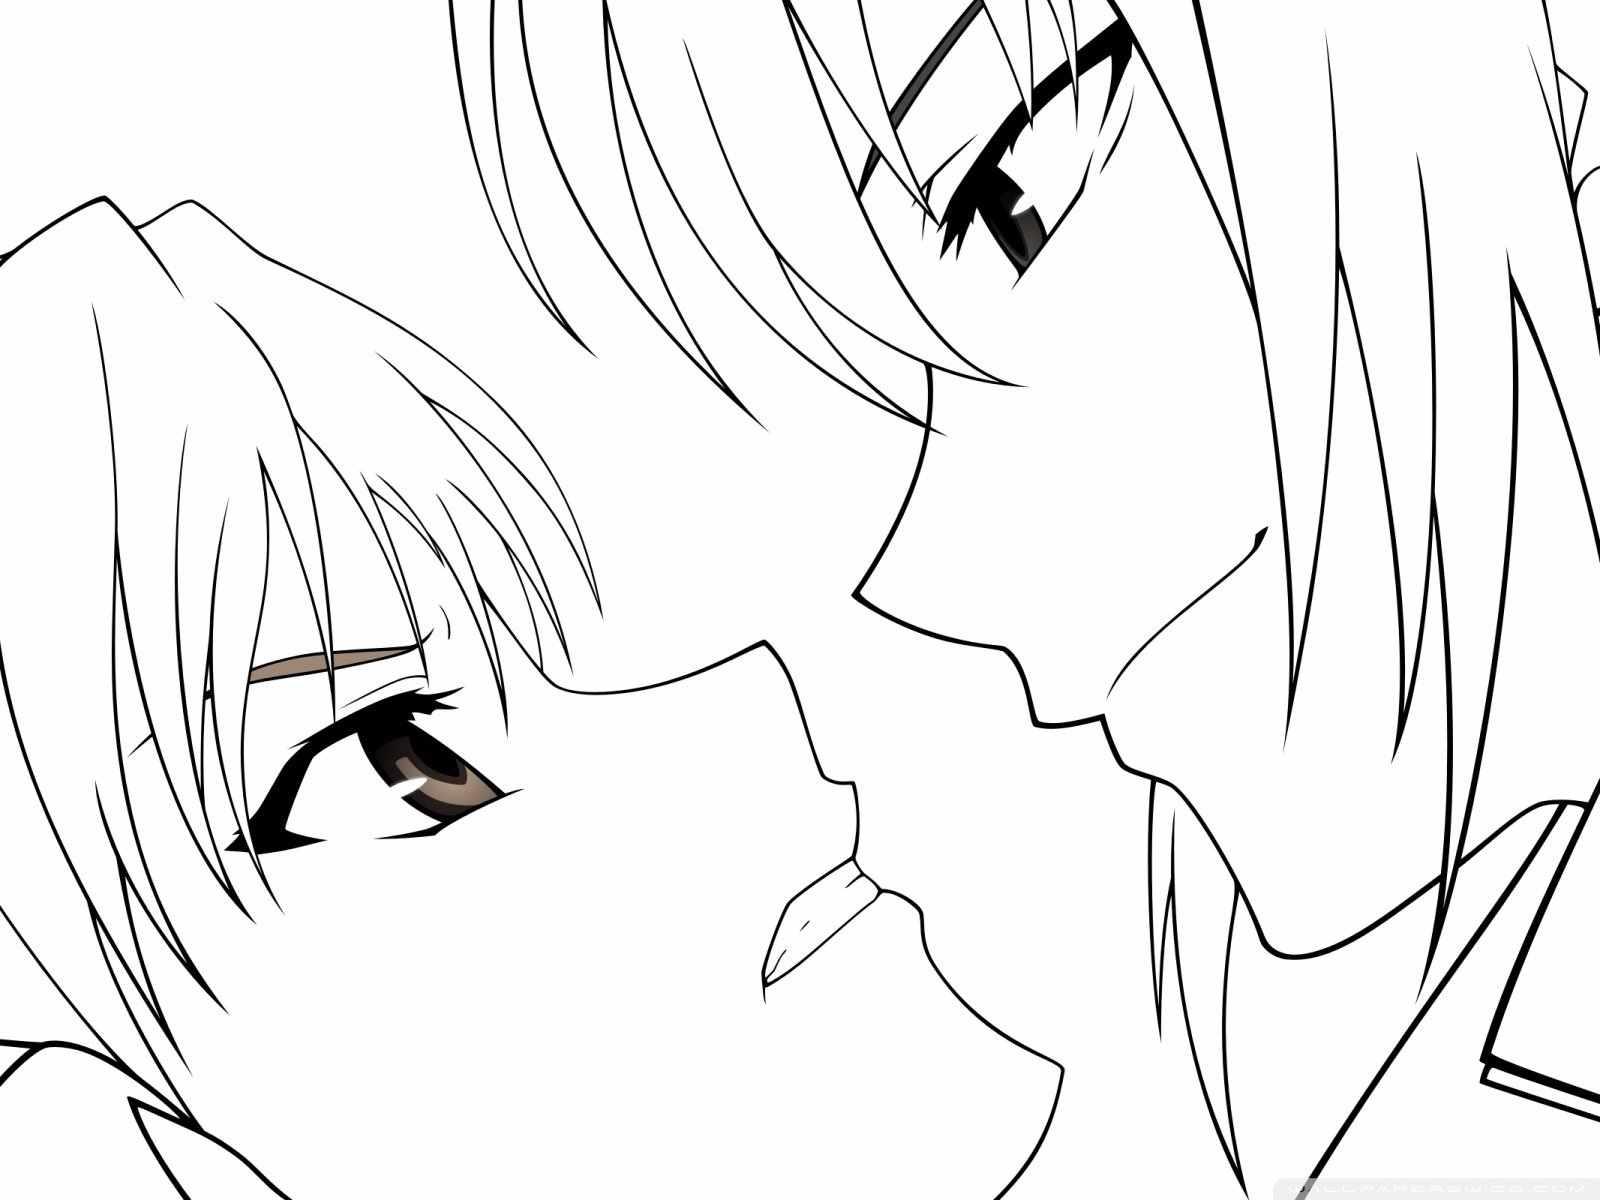 Самые красивые аниме карандашом легкие для срисовки 06